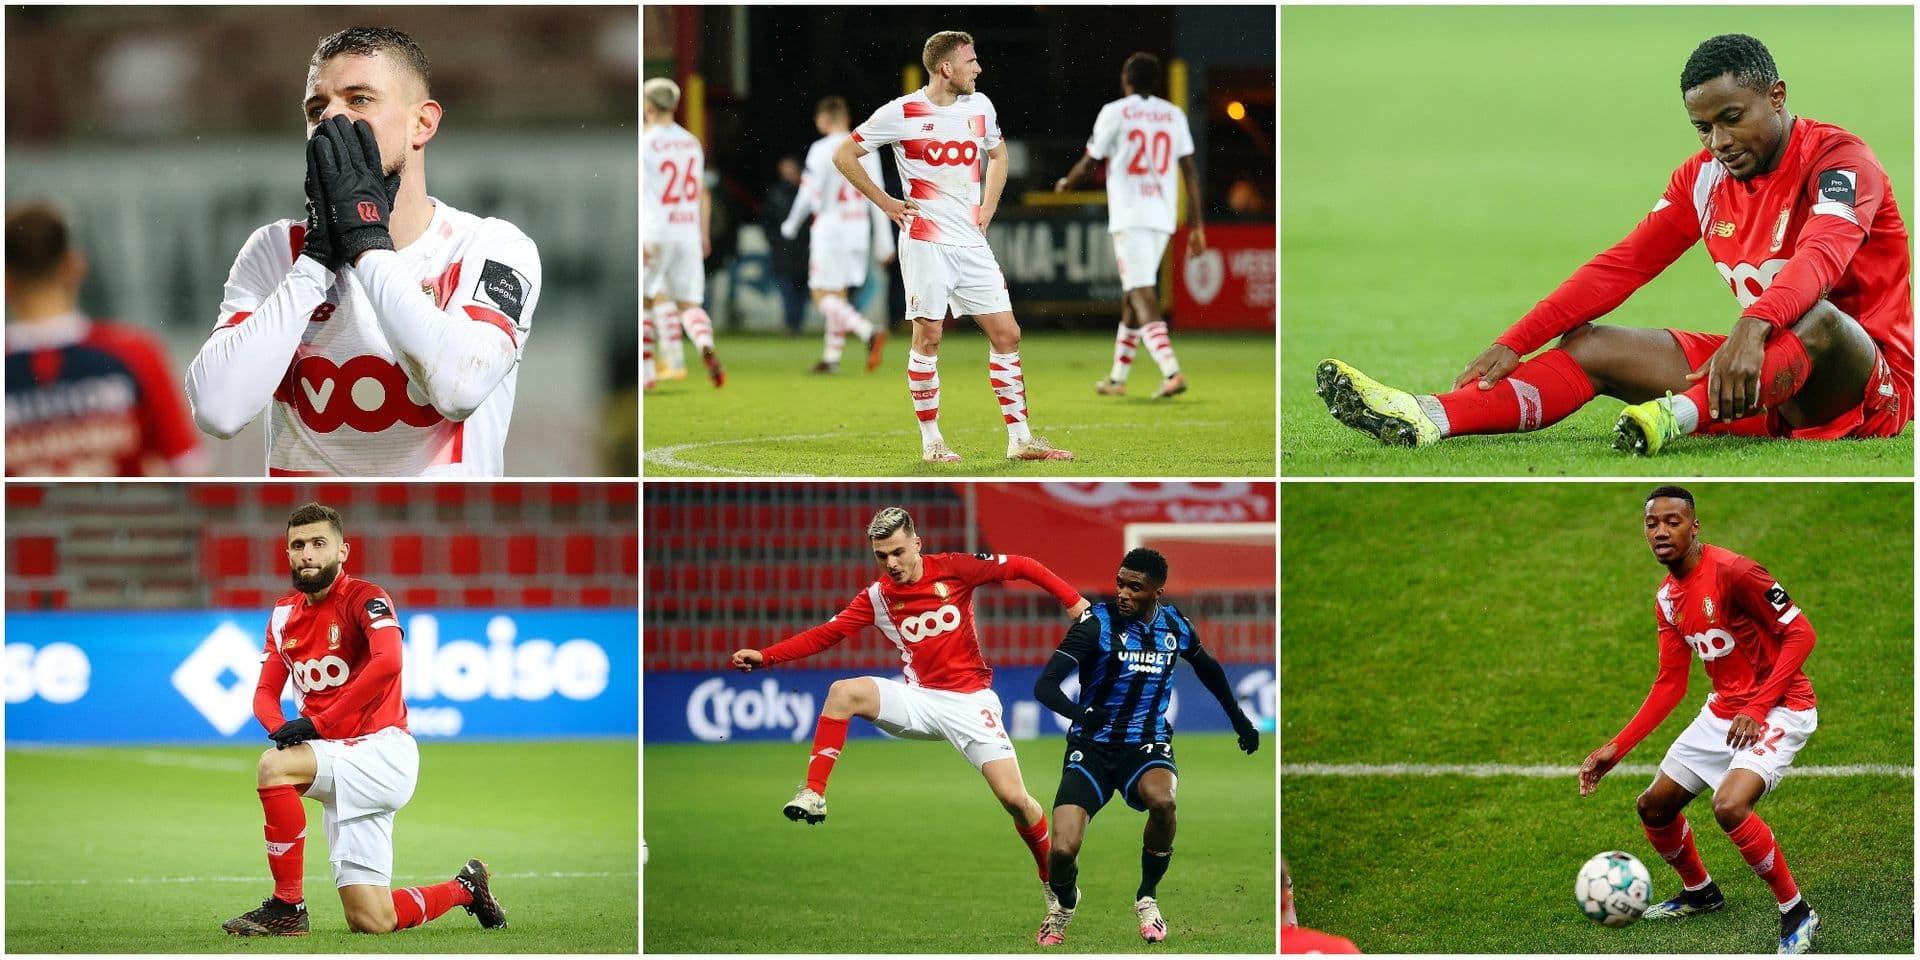 Balikwisha, Lestienne, Pavlovic, ... : quatre matchs pour être adroit à gauche au Standard